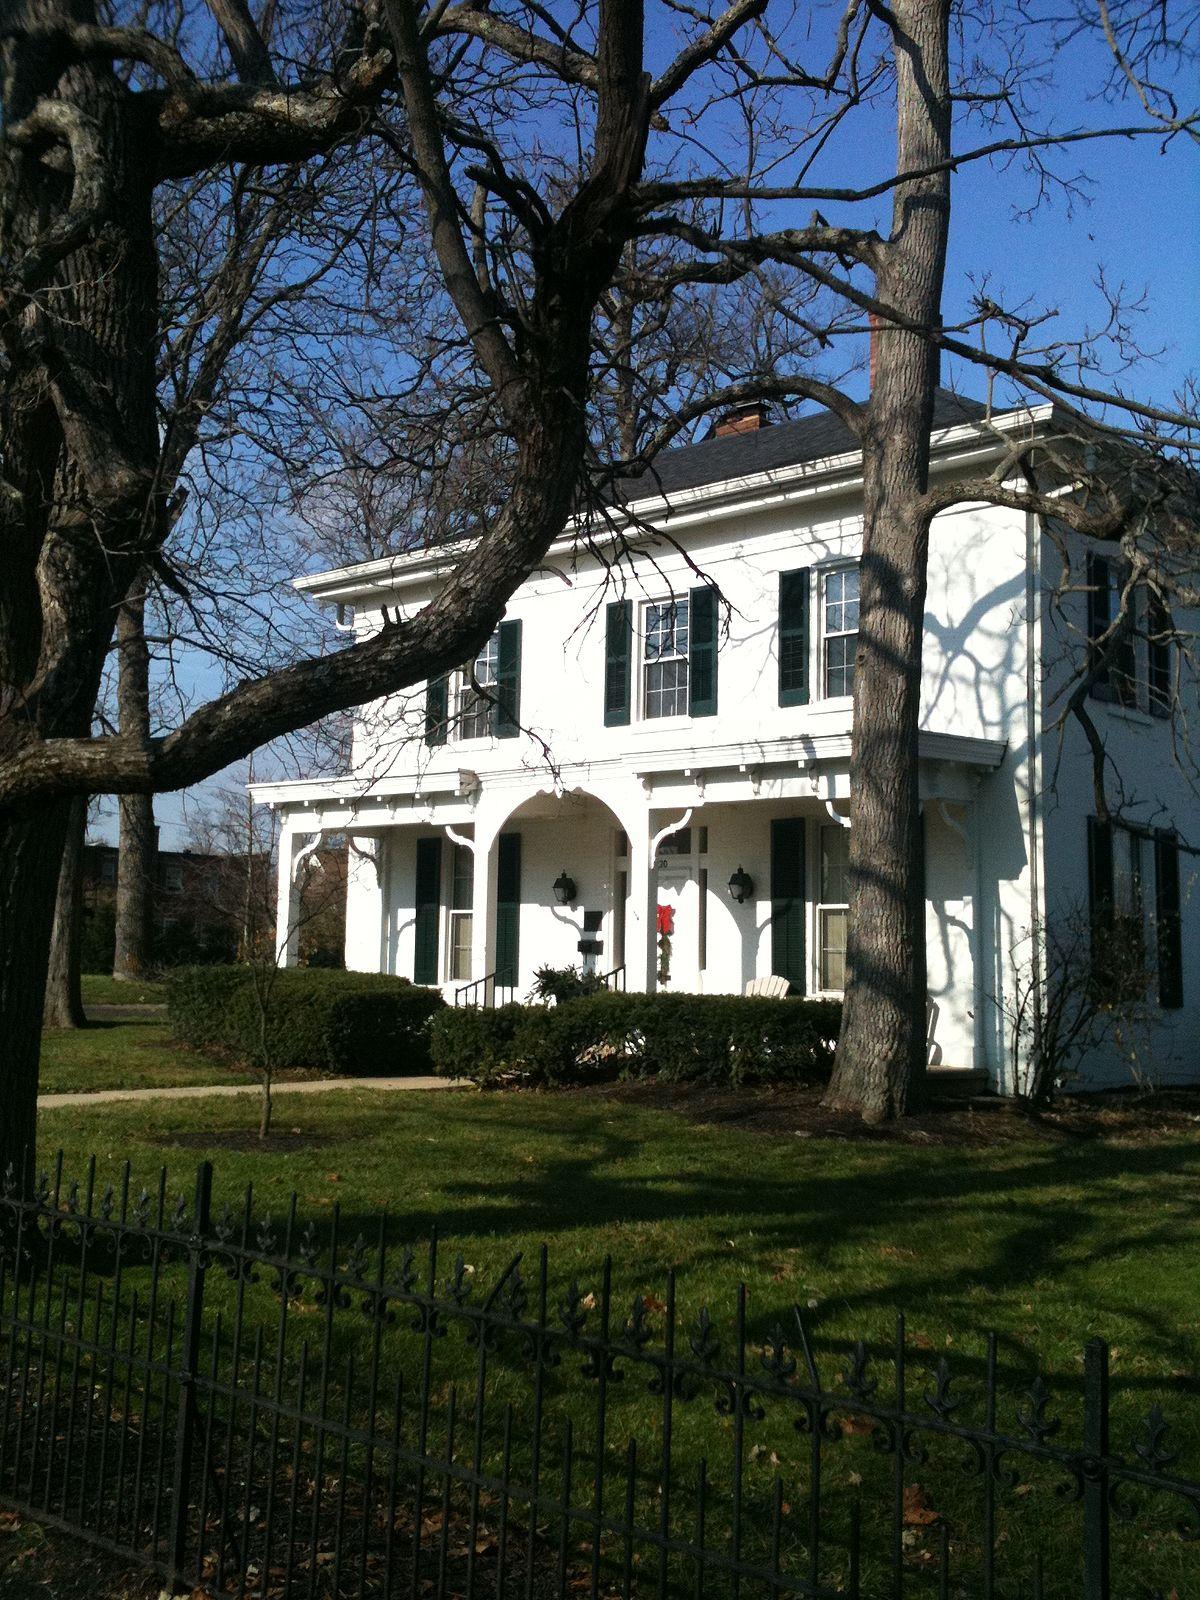 Lottie Moon House Wikipedia